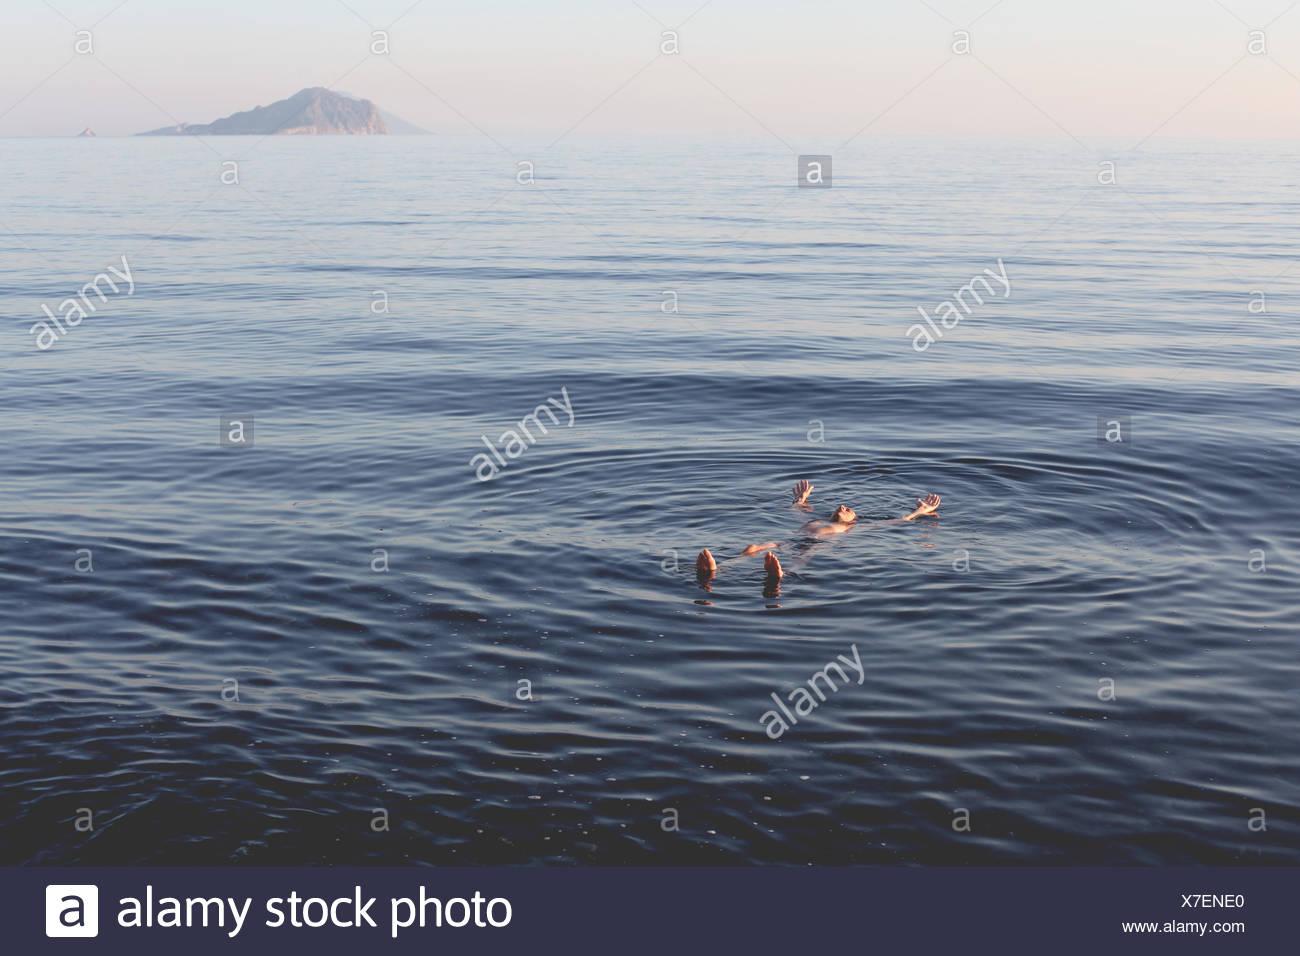 L'Italia, Isole Eolie o Lipari, uomo galleggiante sull'acqua Immagini Stock